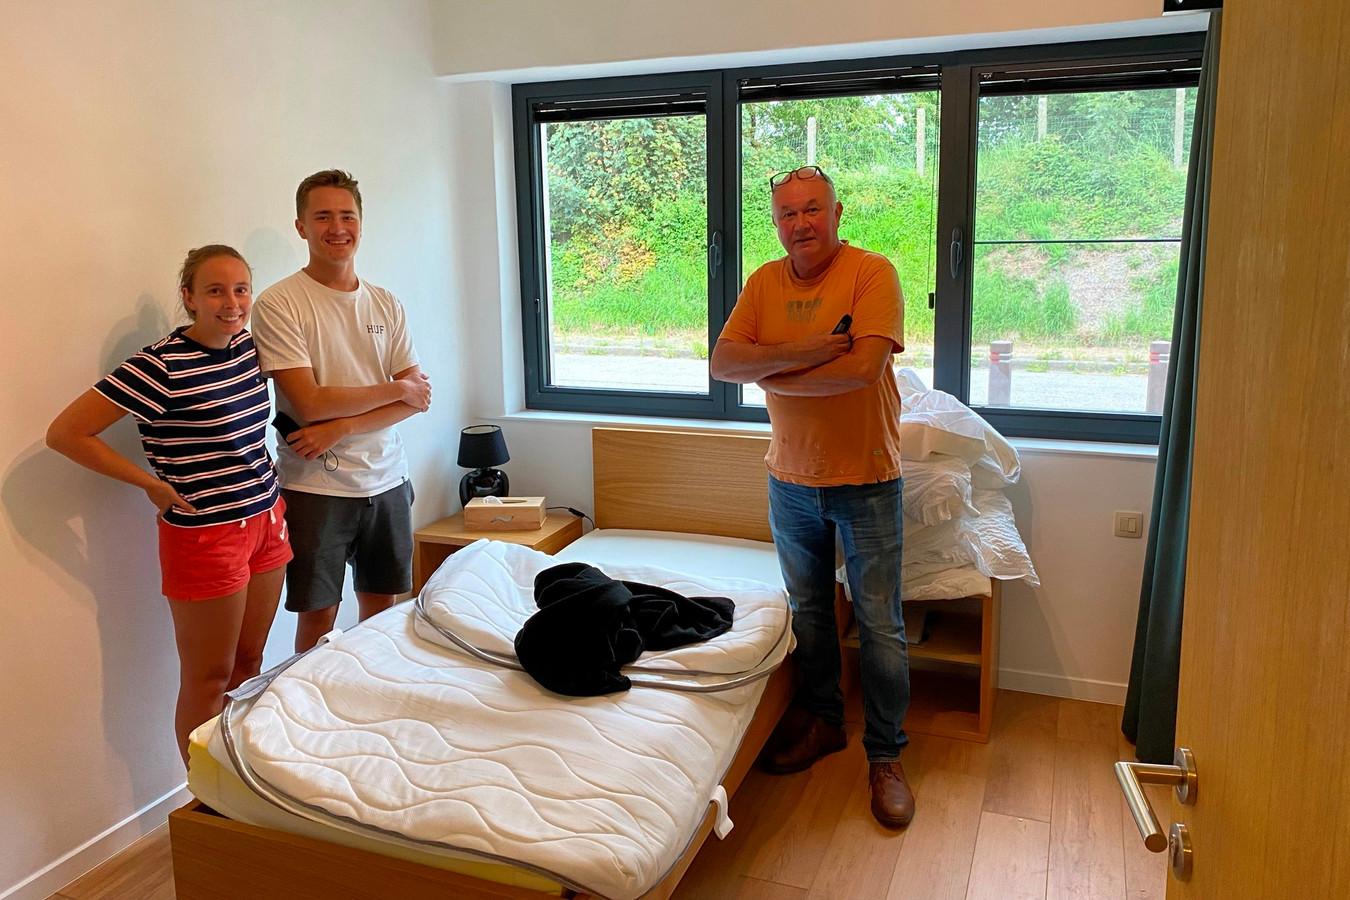 Ivana Boone, vriend Maarten Thomas en diens vader Bert van B&B Kapelhof in de recent vernieuwde kamer van de voortvluchtige nadat die door de politie doorzocht was.